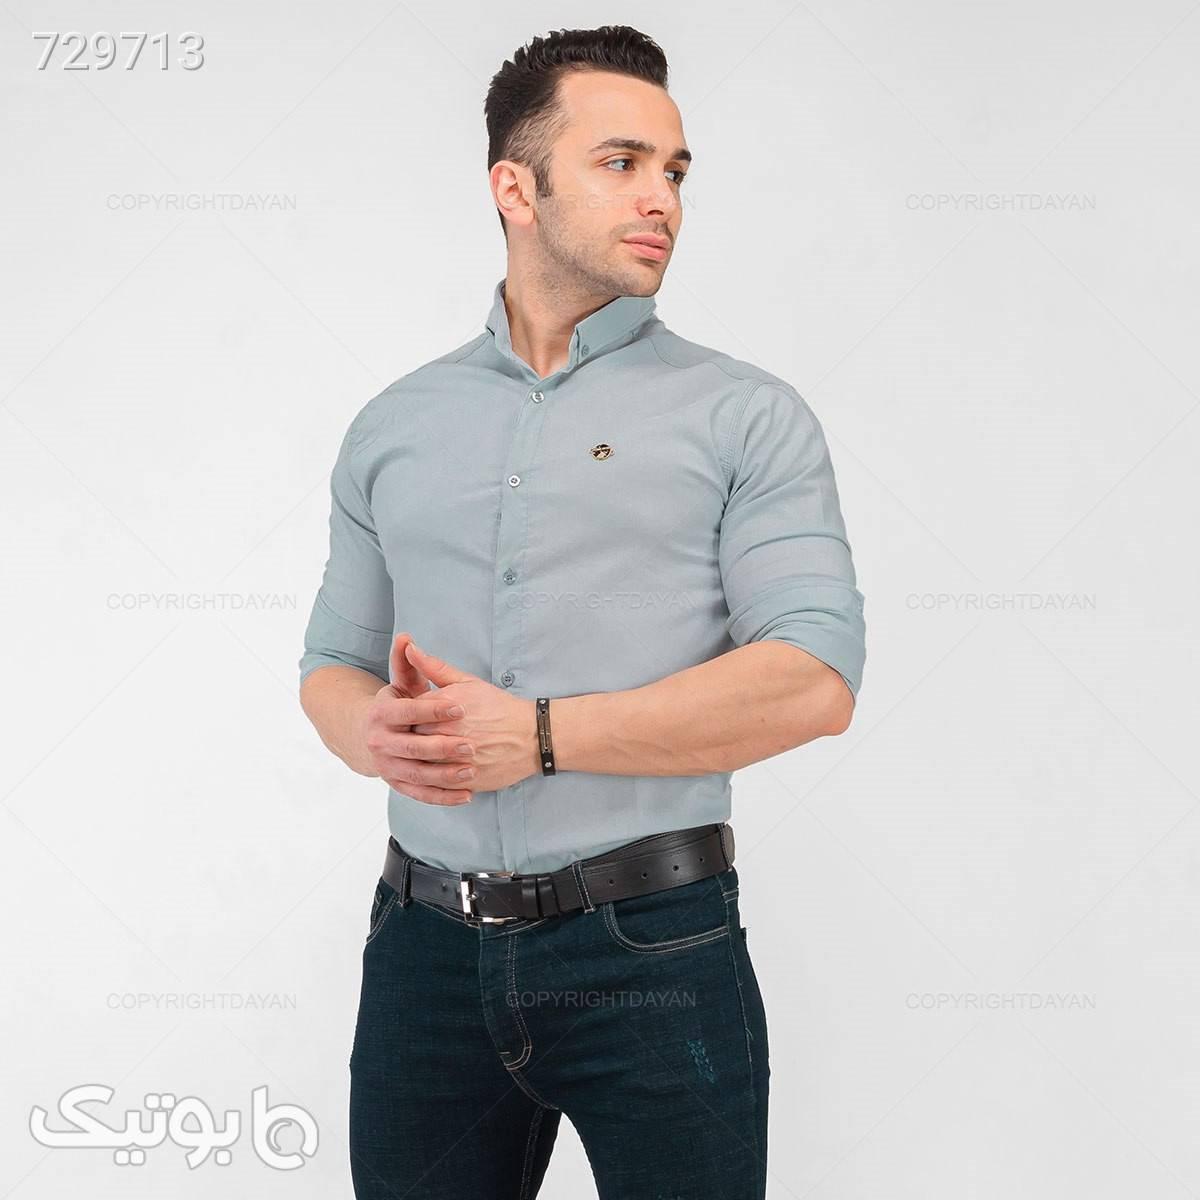 پیراهن بهاری پنبه درجه یک آراز  نقره ای پيراهن مردانه